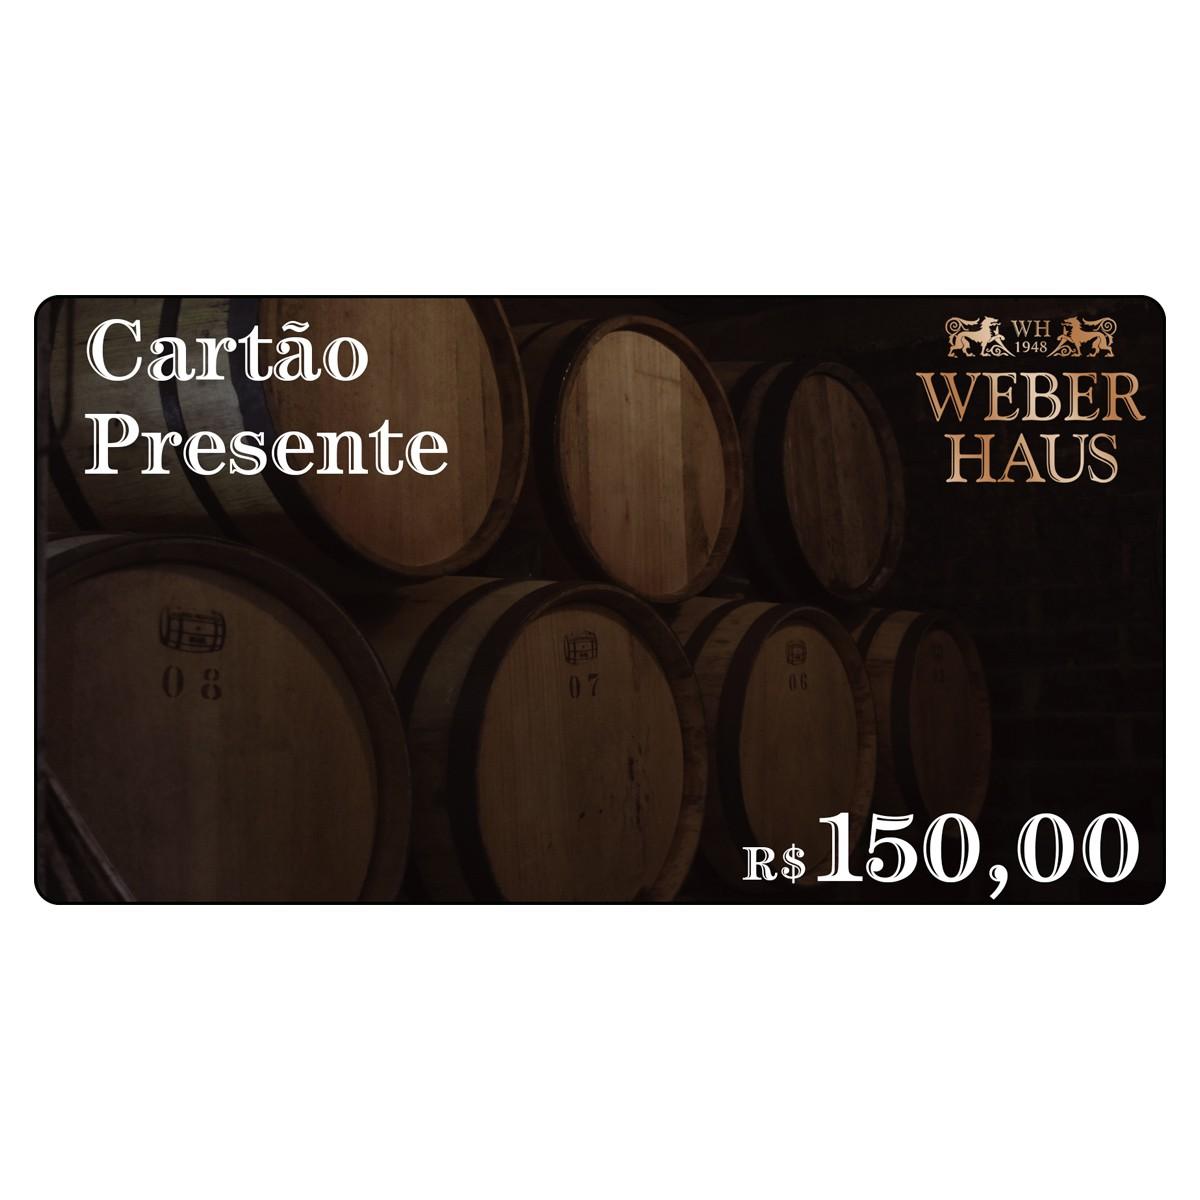 Cartão Presente no Valor de R$150,00